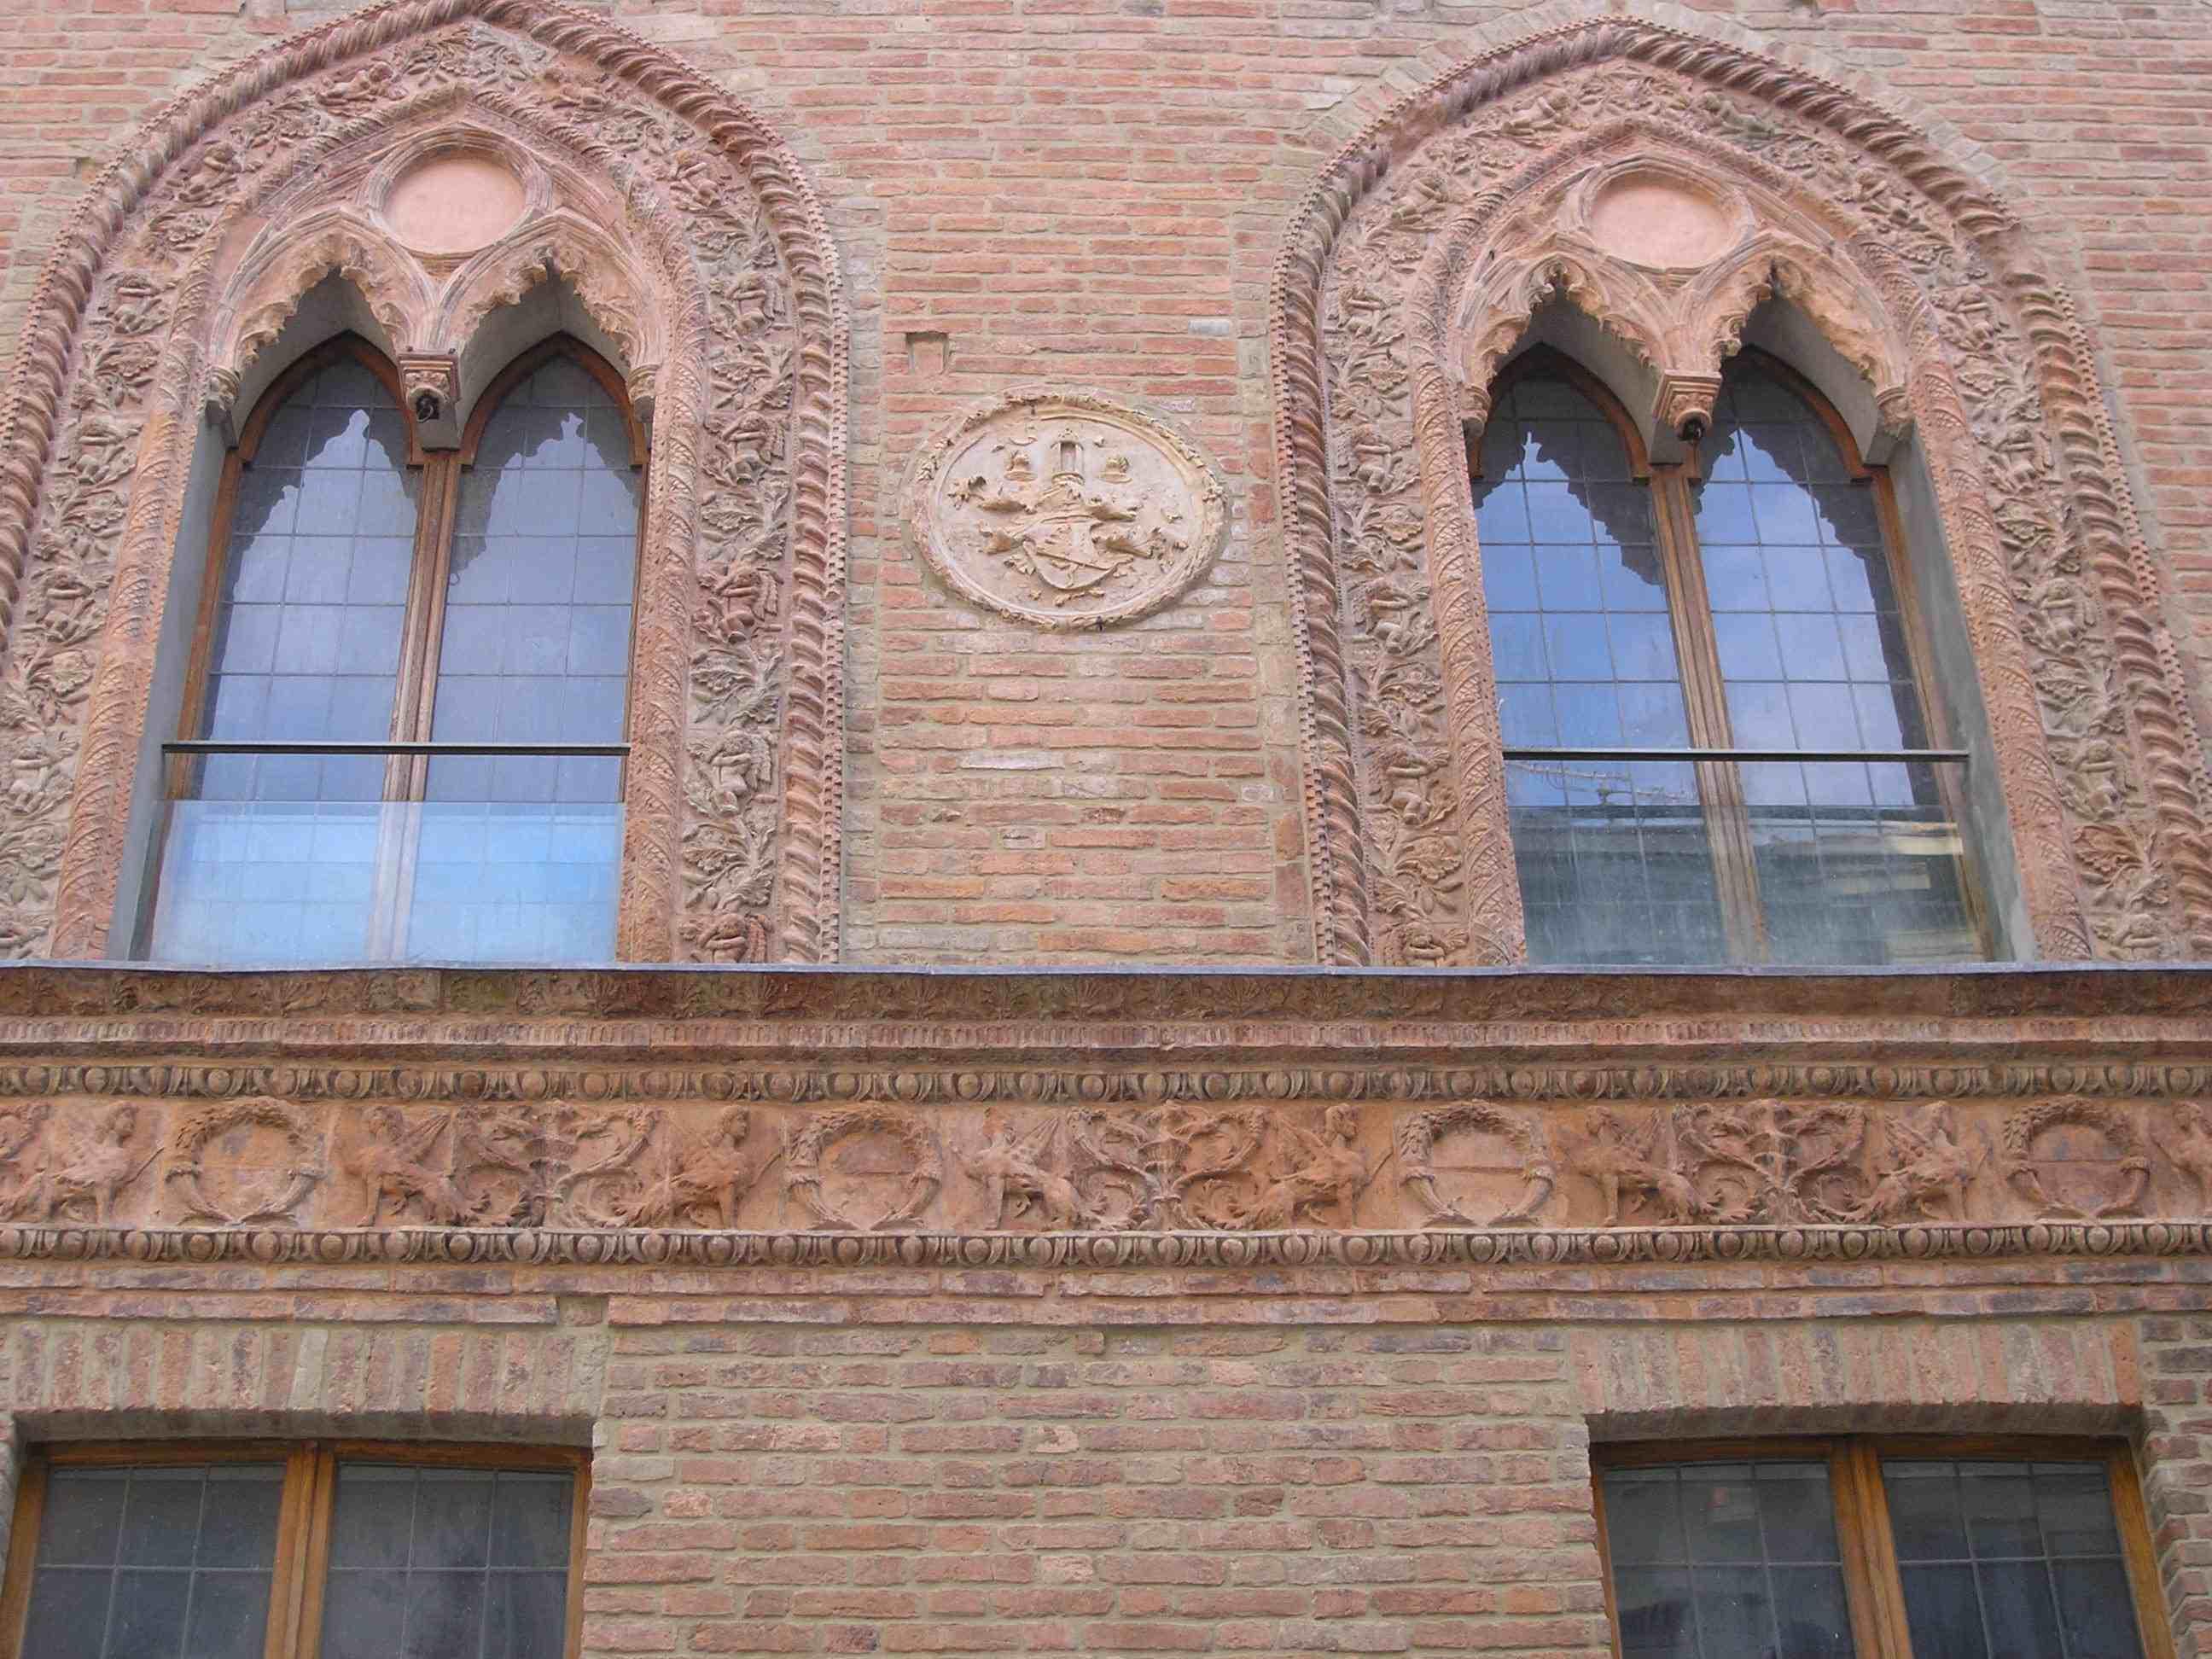 Cornici decorative: il restauro di Palazzo Grossi a Fiorenzuola d'Arda